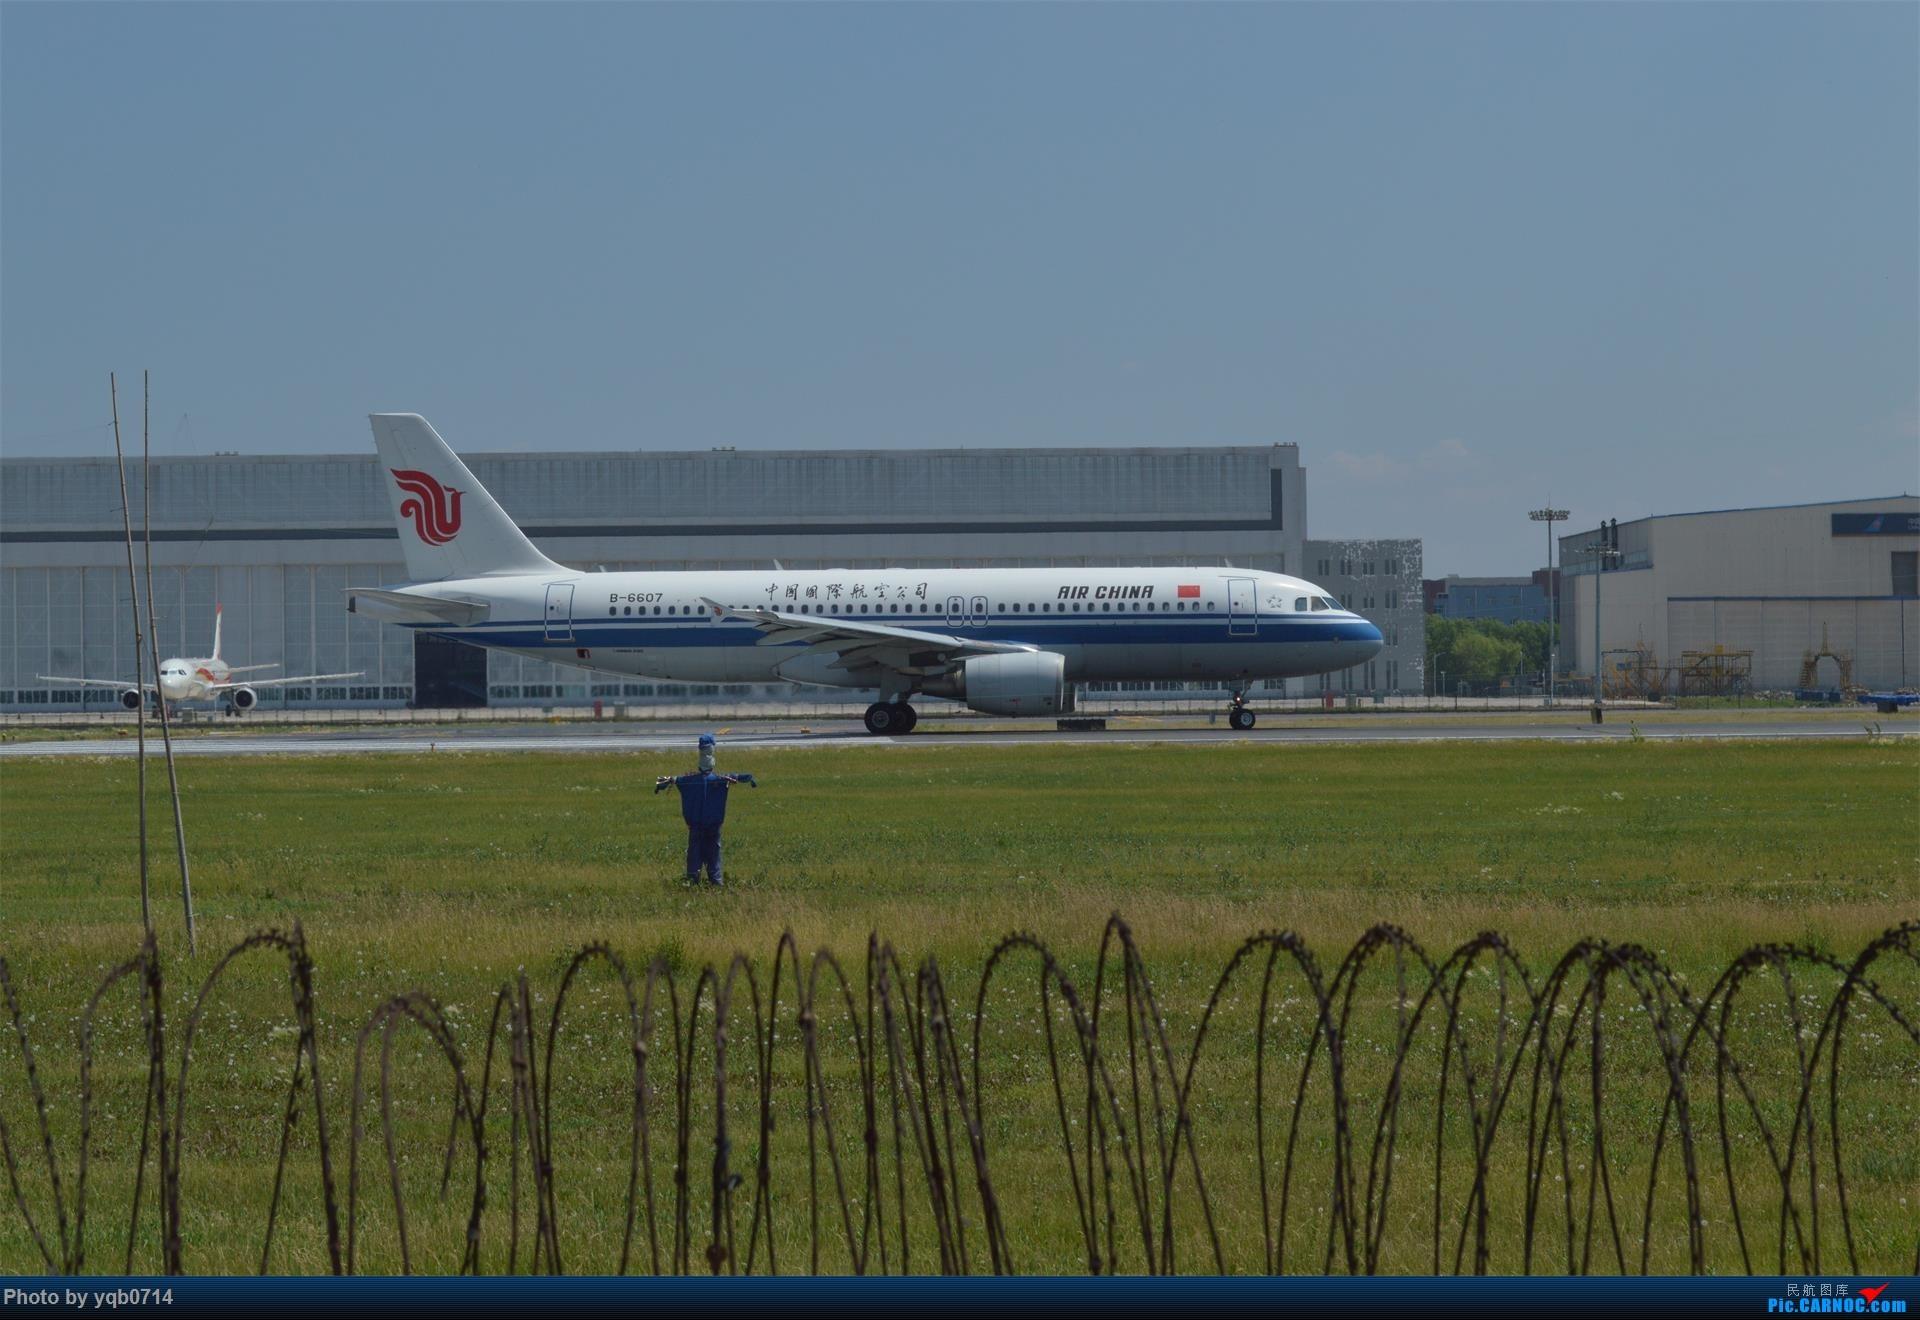 Re:[原创]出来炸道,喜欢星空联盟的小反!!!! AIRBUS A320-200 B-6607 中国沈阳桃仙国际机场